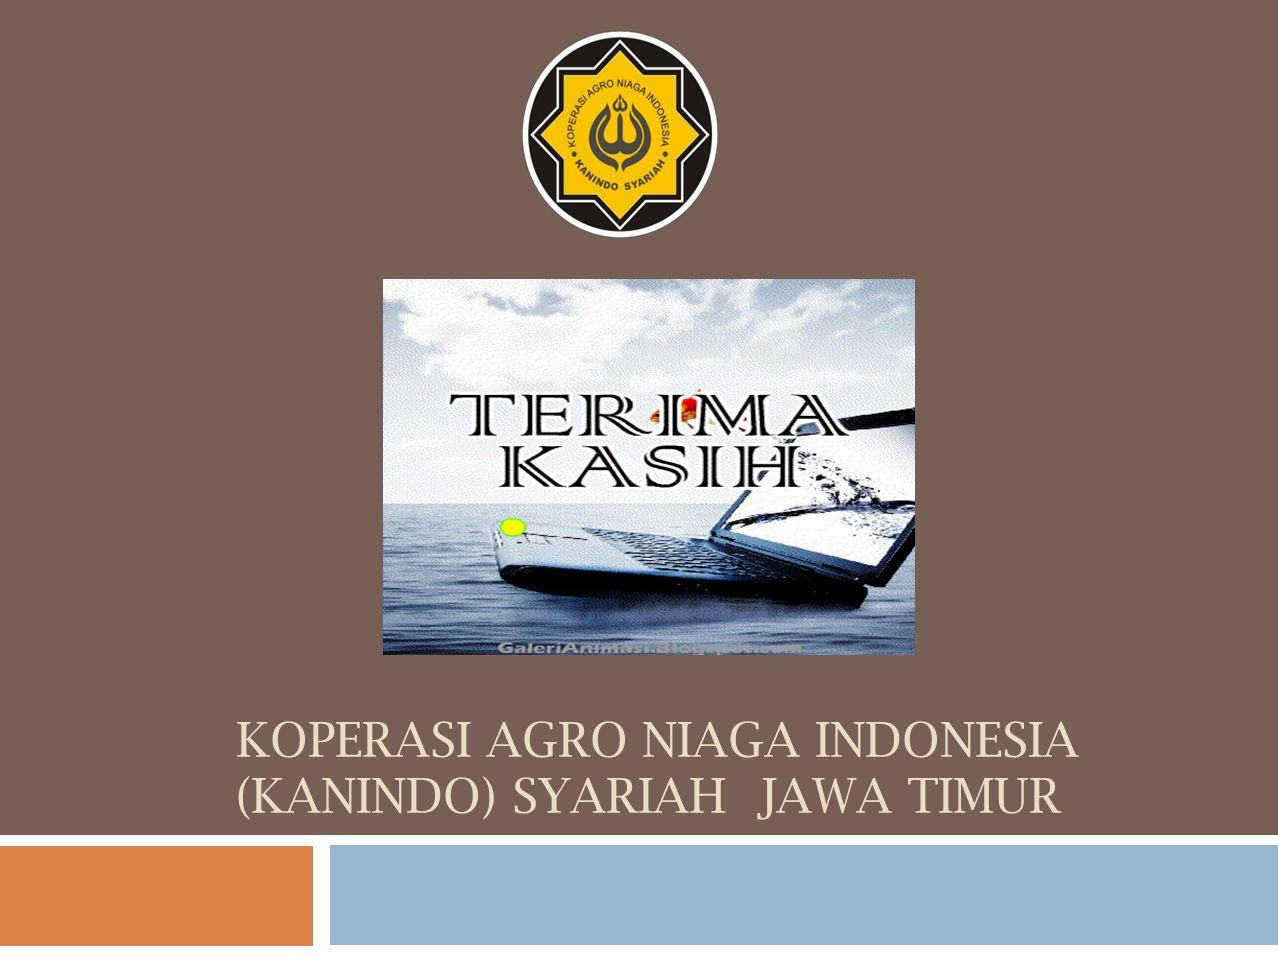 KOPERASI AGRO NIAGA INDONESIA (KANINDO) SYARIAH JAWA TIMUR